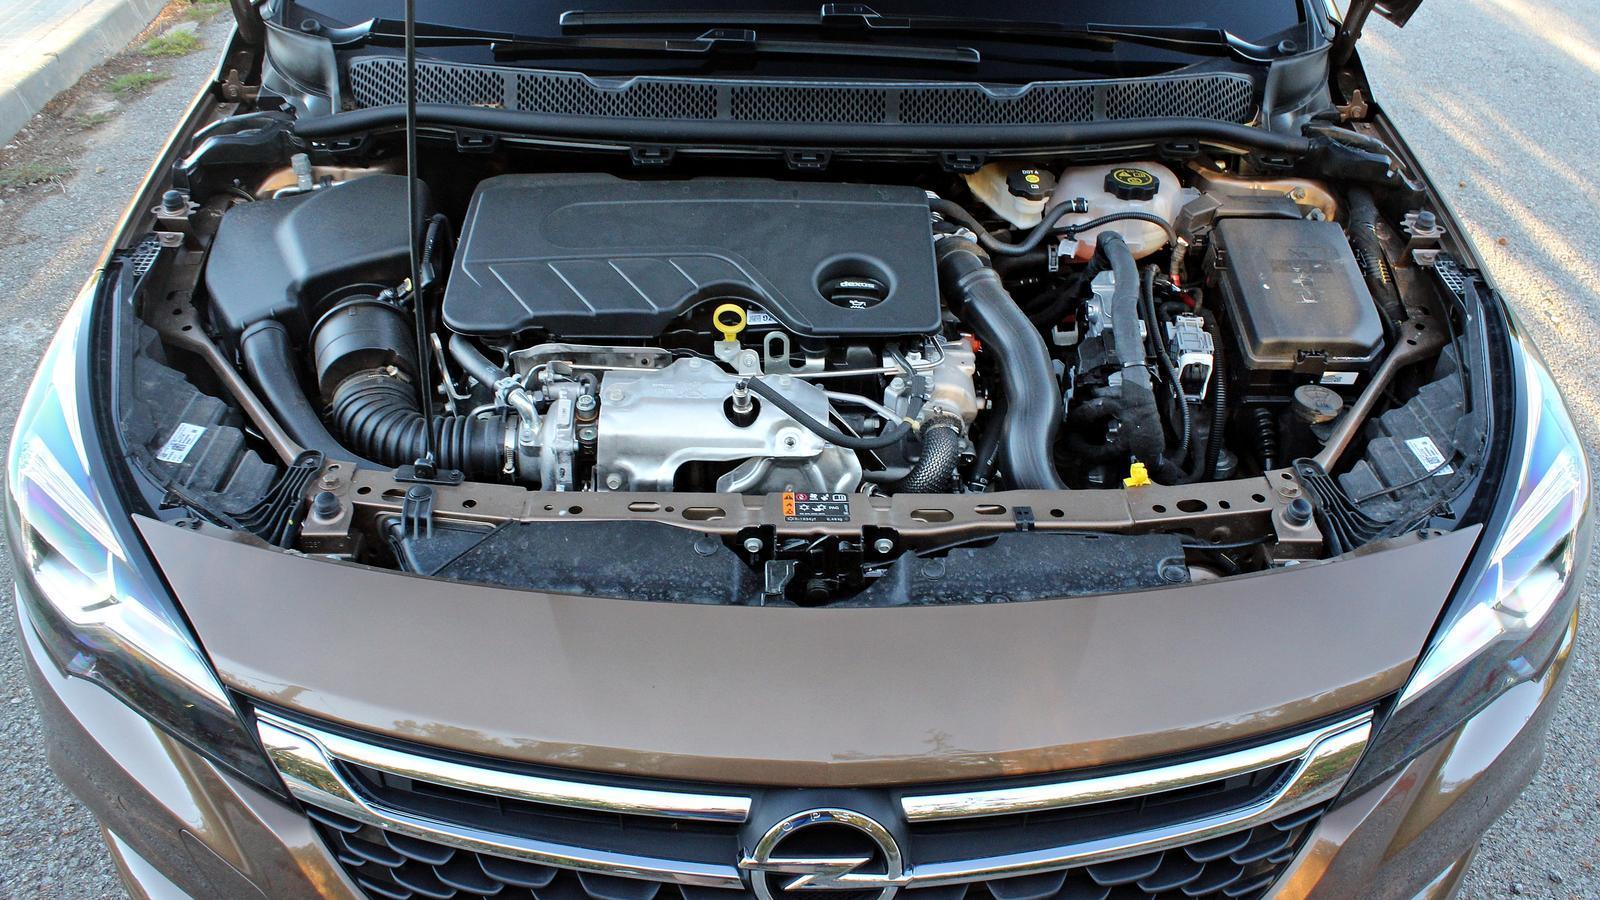 Alemanya ordena la revisió de 100.000 cotxes d'Opel per sospites de frau en les emissions